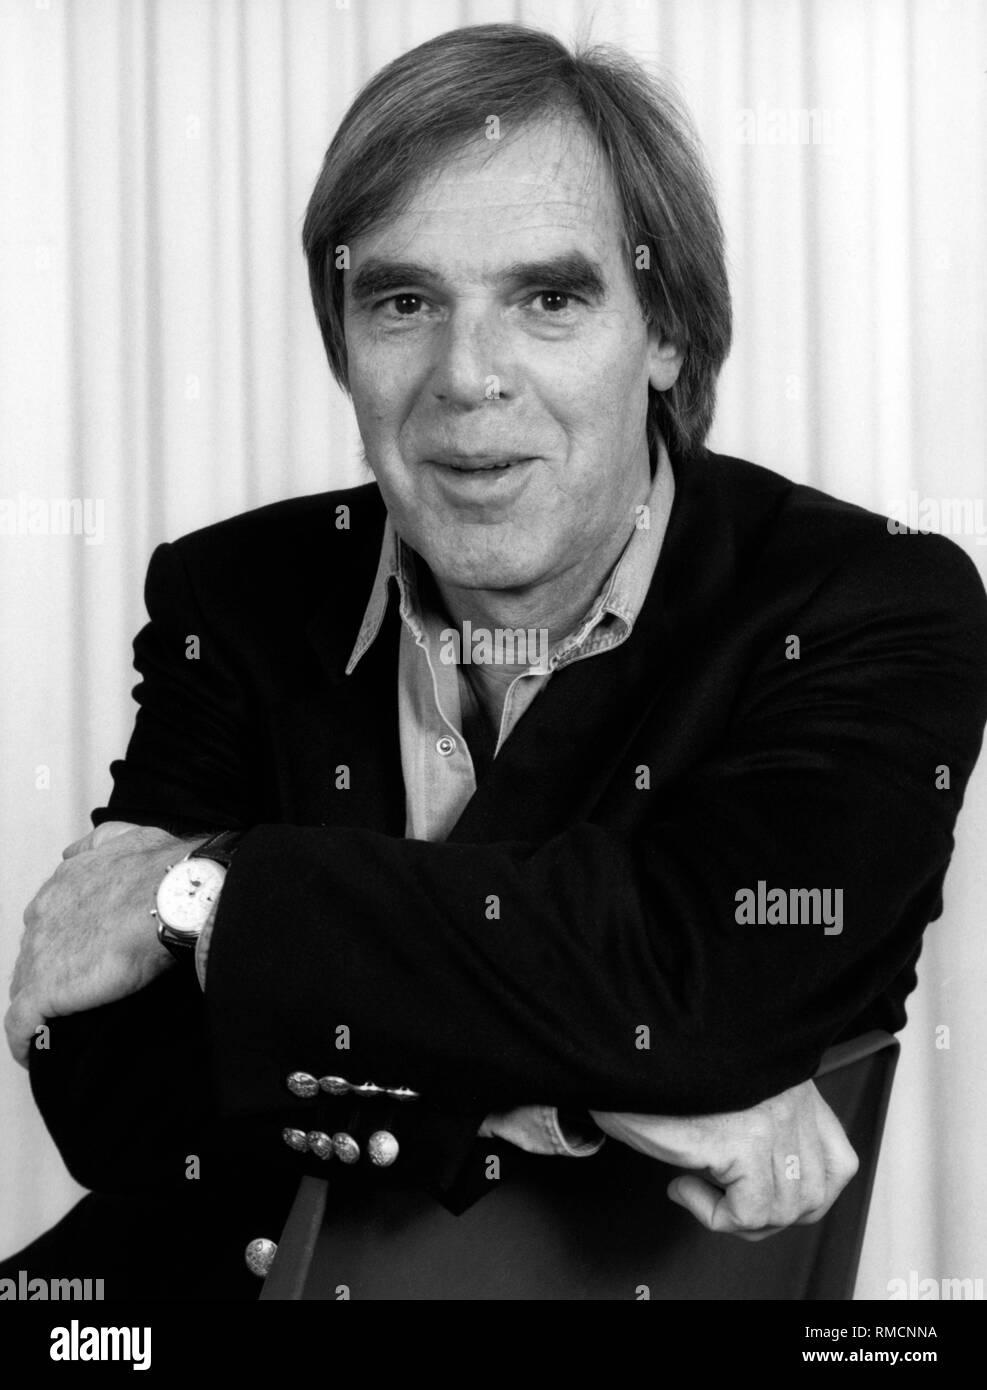 Porträt der Schauspieler, Regisseur und Autor Horst Juessen. Undatiertes Foto, wahrscheinlich Anfang der 90er Jahre. Stockbild